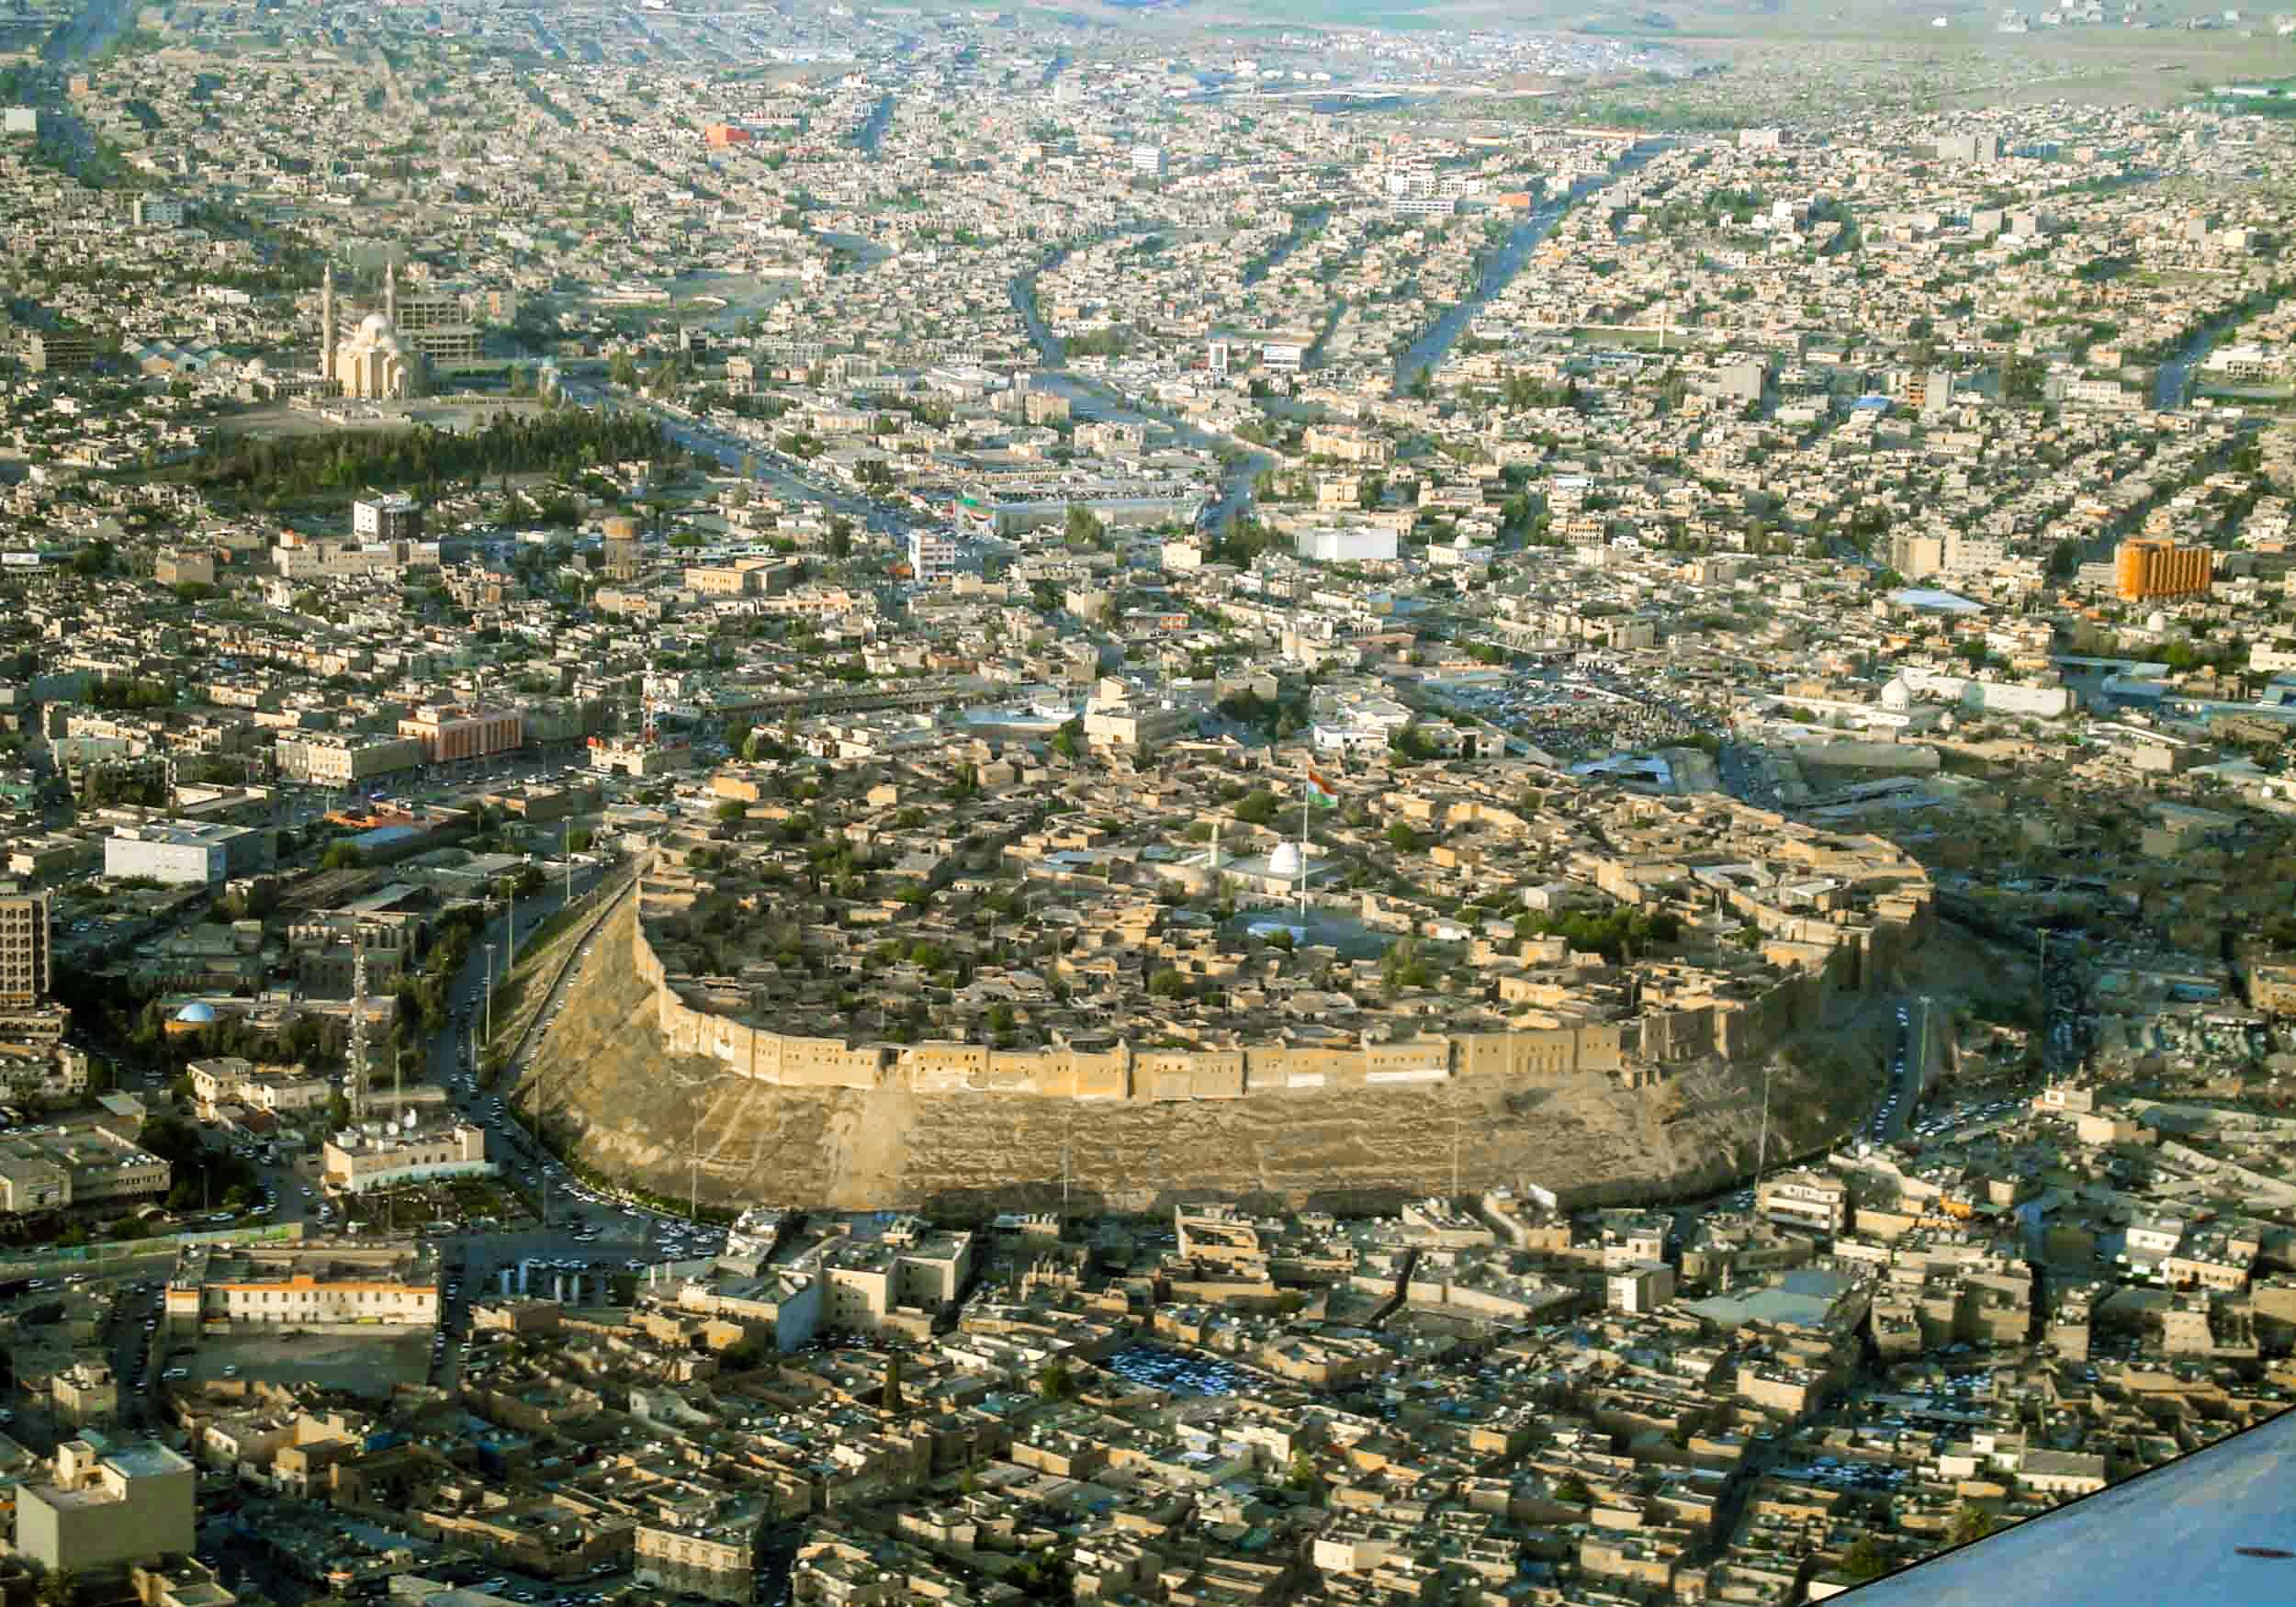 الانشطة السياحية فى المدن الشمالية فى العراق